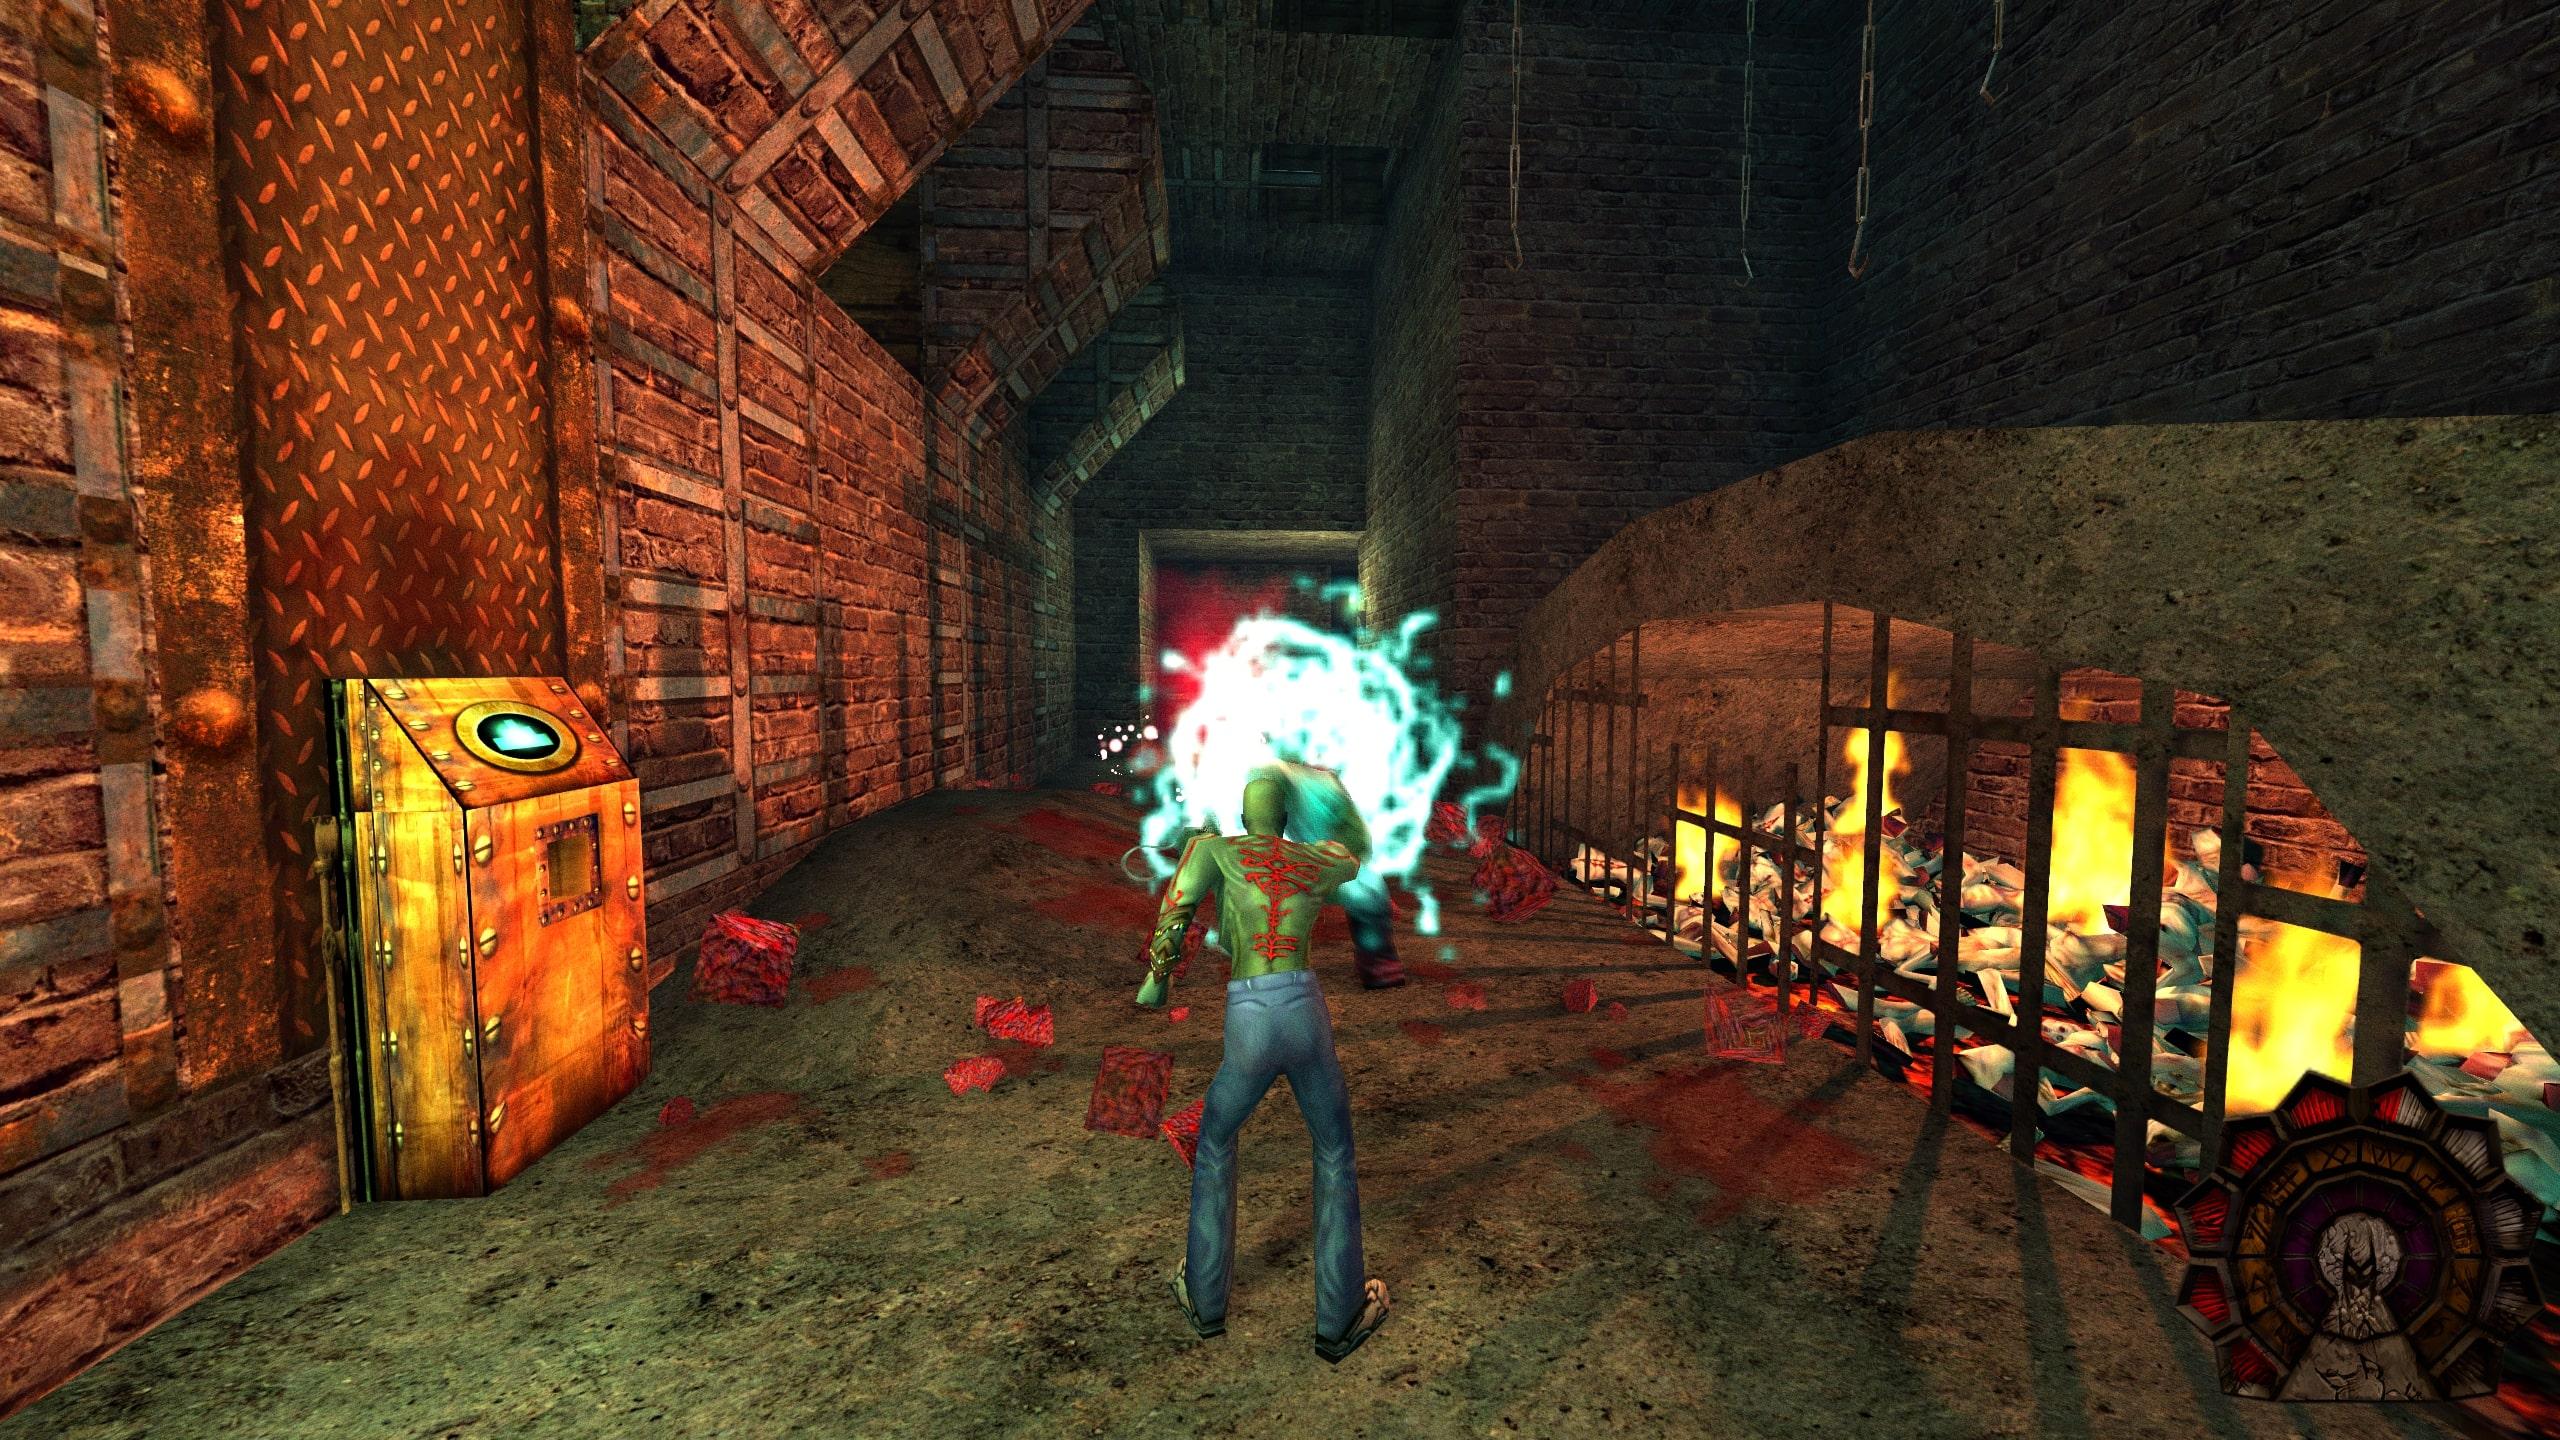 ShadowMan Asylum - Cremation